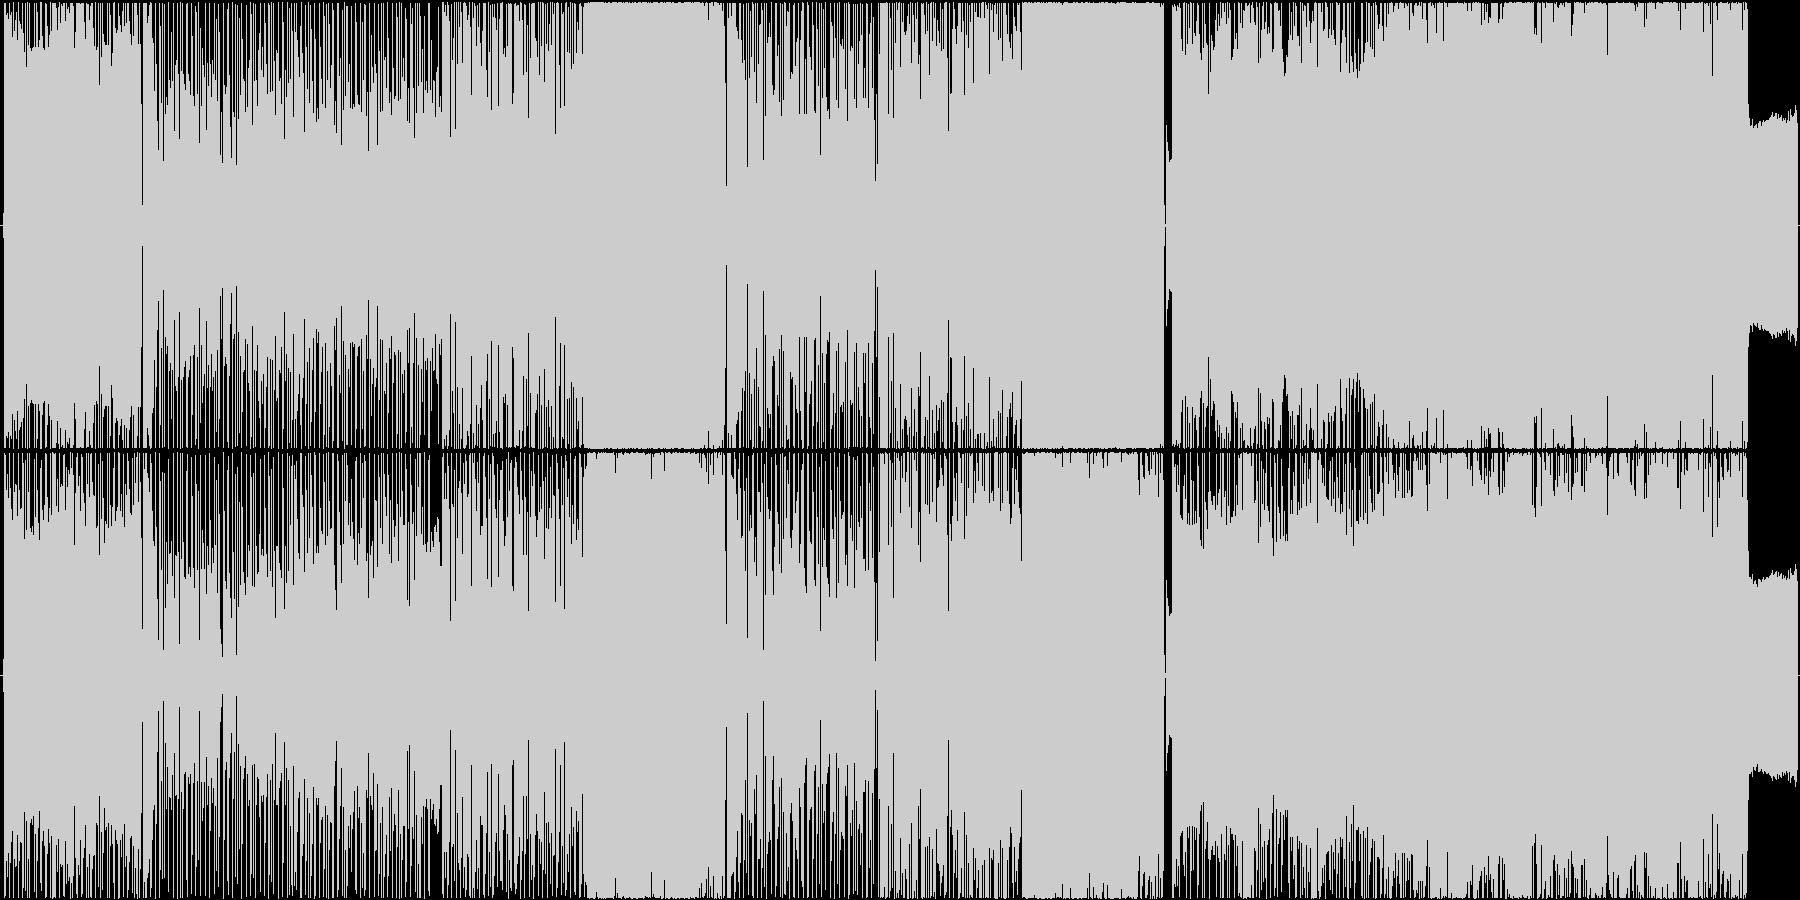 4ピースのロック、コーラス、ベースソロの未再生の波形